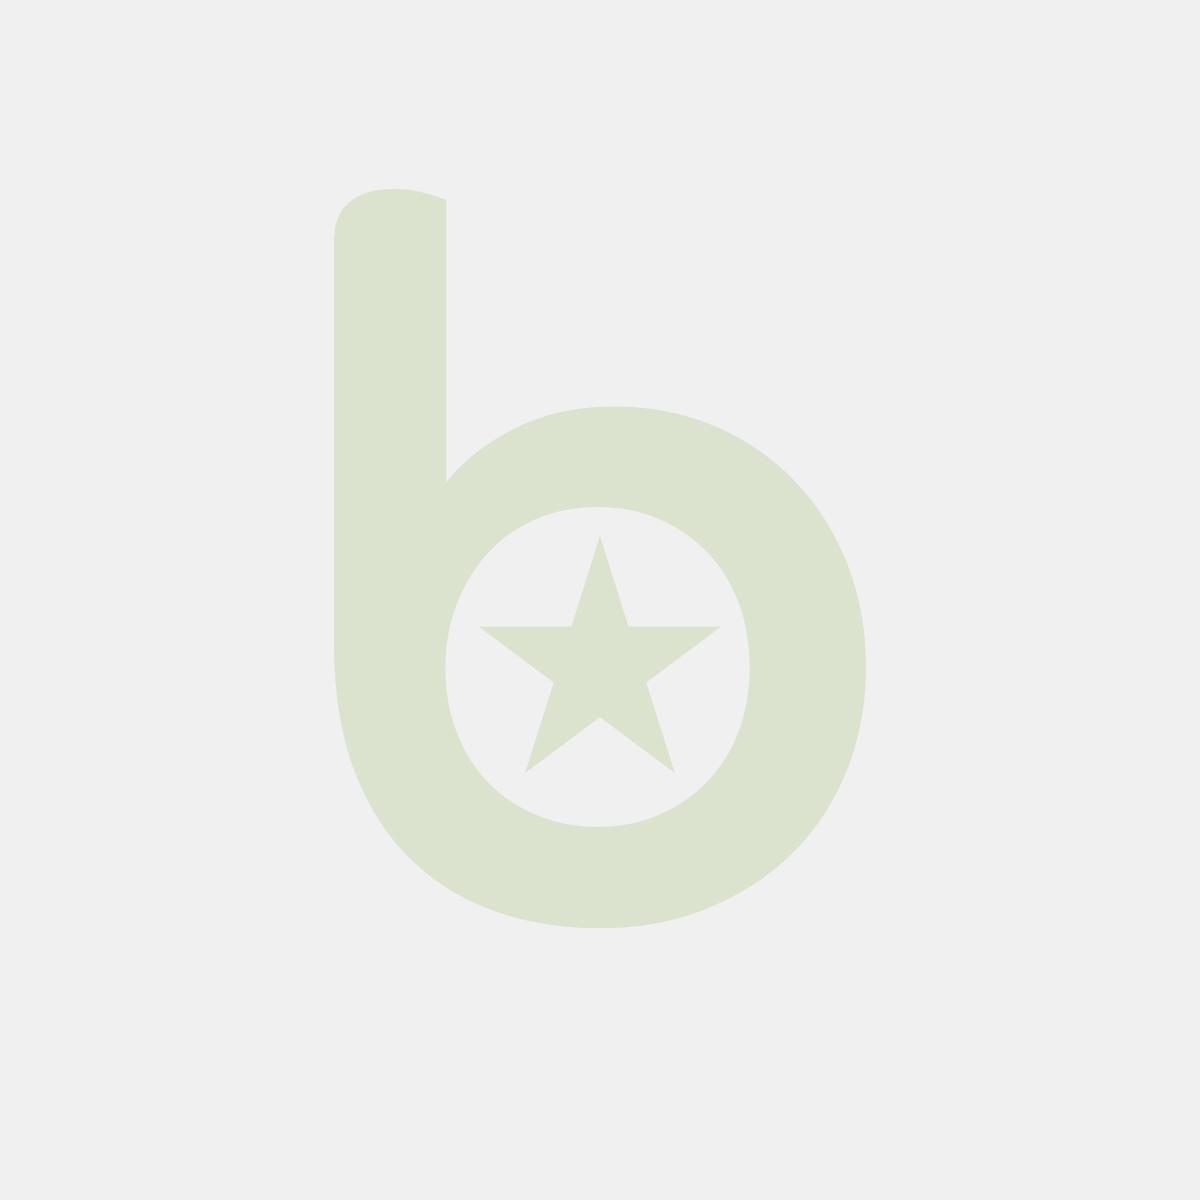 Bloczek samoprzylepny DONAU, 76x76mm, 1x100 kart., neon, zielony